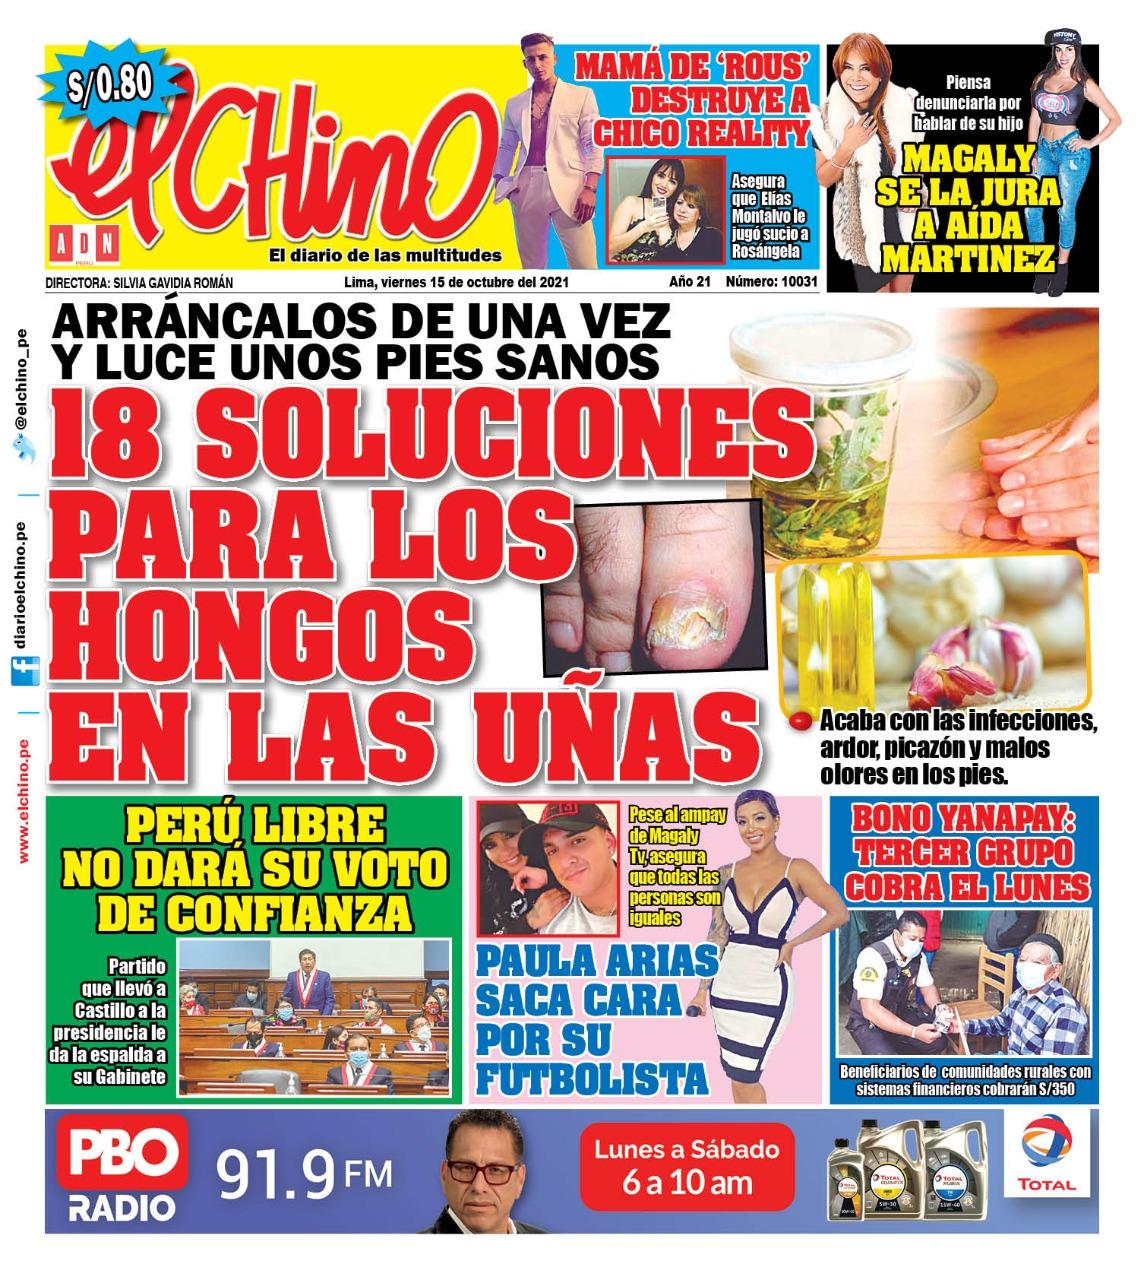 Portada impresa – Diario El Chino (15/10/2021)